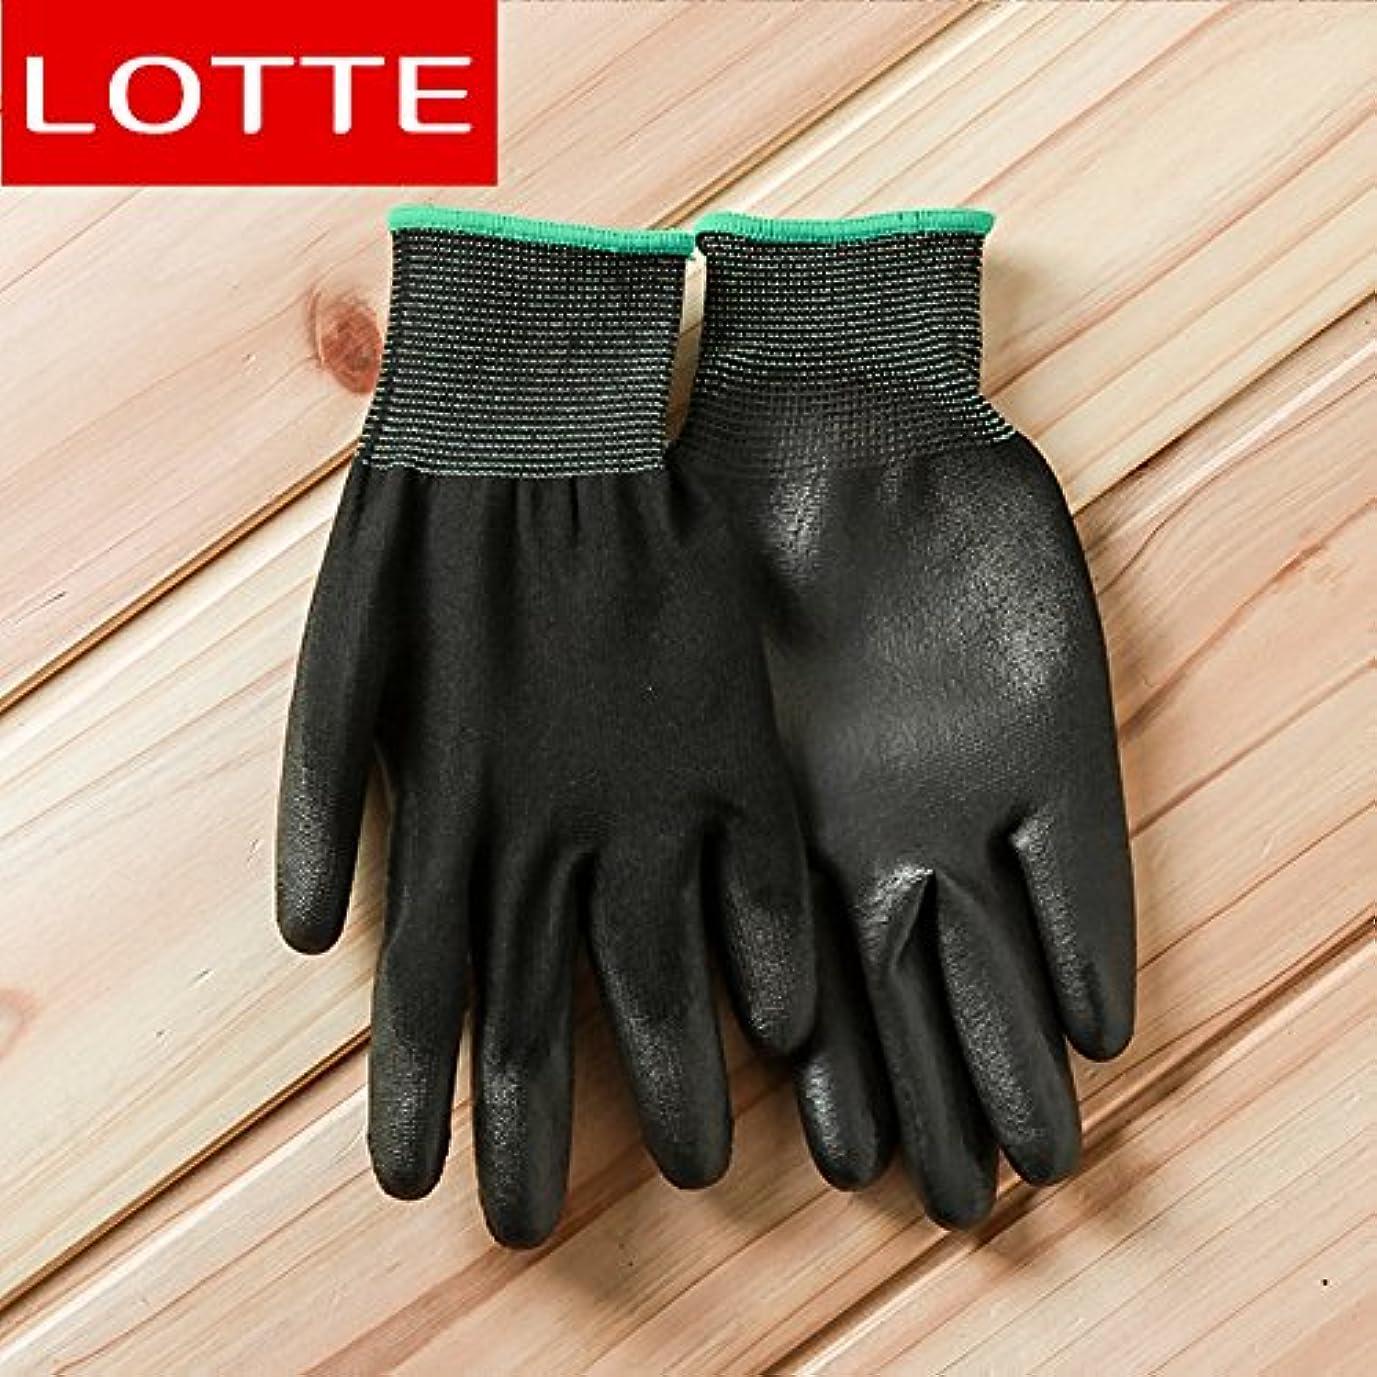 情報時系列永続VBMDoM ロッテのPUパームコーティング作業手袋(黒/中型) x 5個 [並行輸入品]